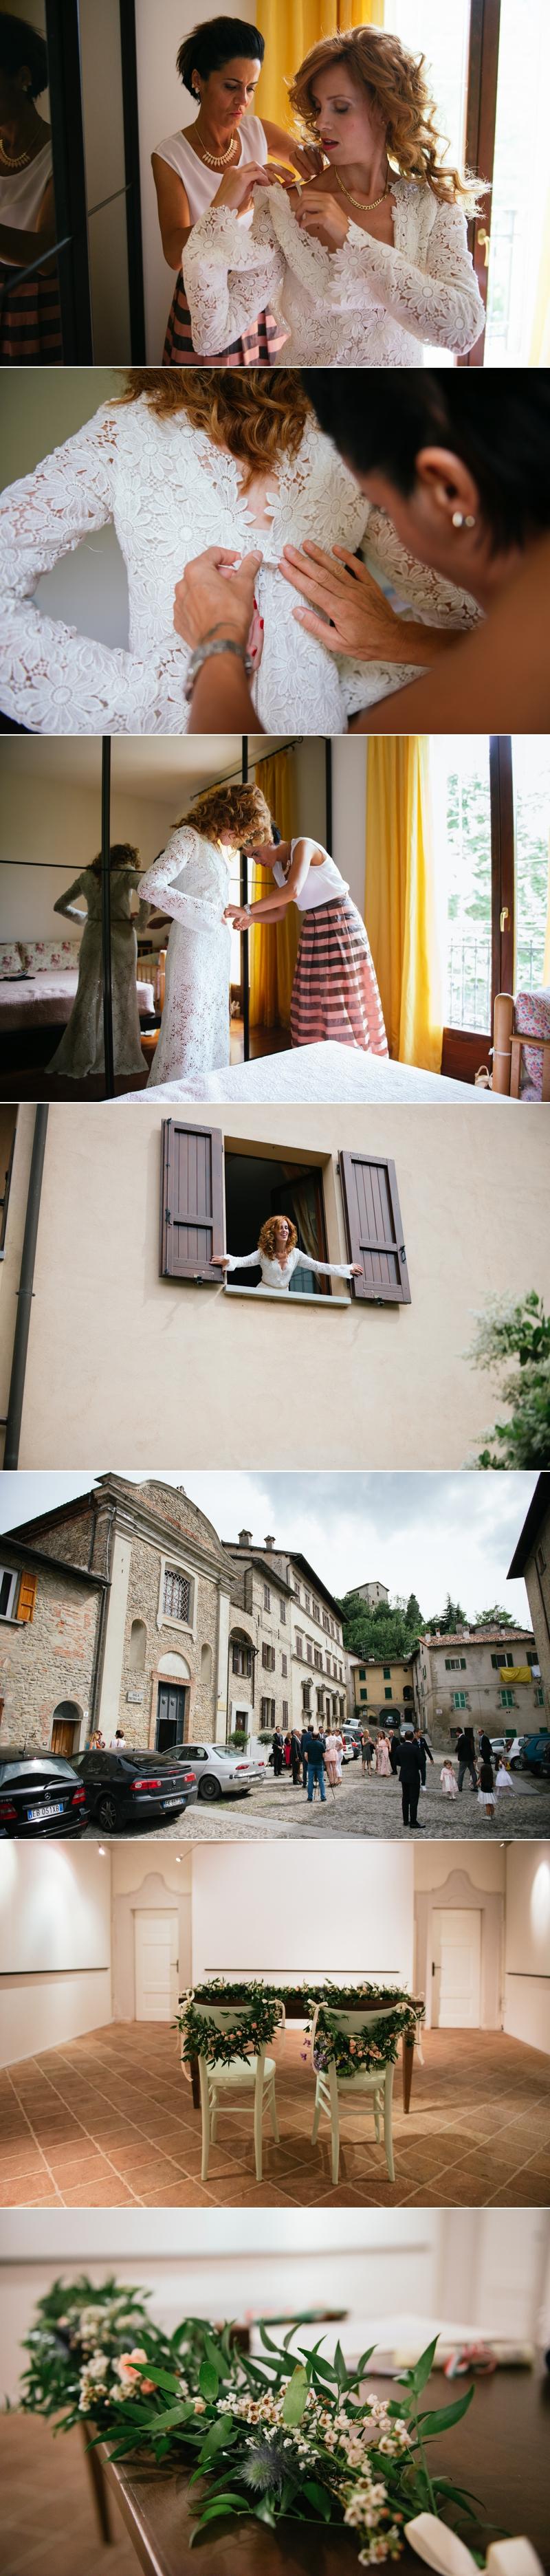 fotografo-matrimonio-chiesa-san-rocco-borghetto-di-brola-modigliana-forli-cesena-bologna-valentina-cavallini 3